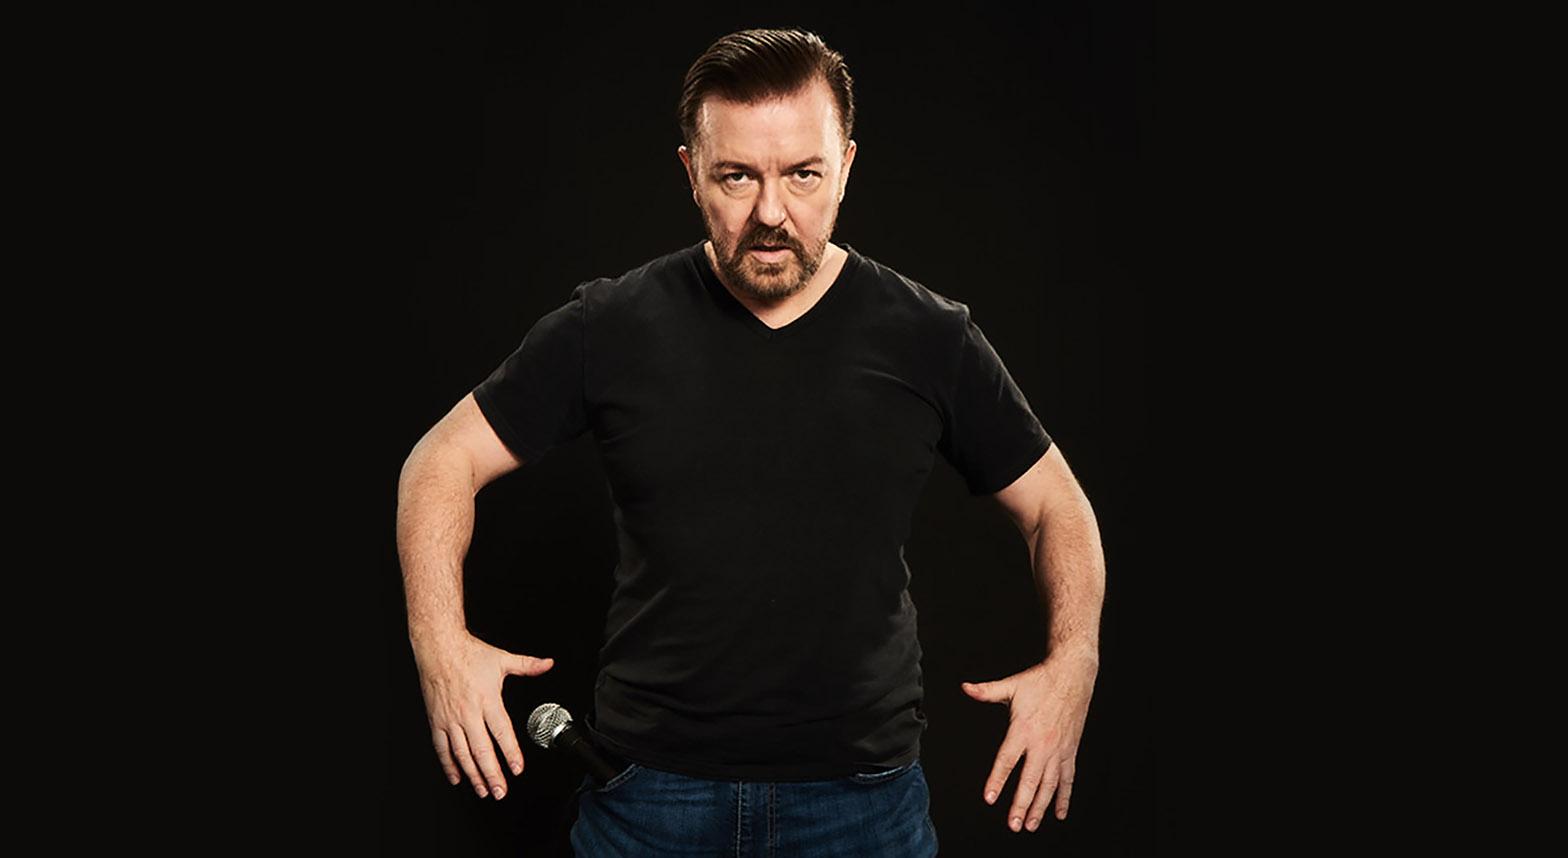 Ricky Gervais press 1568x858.jpg